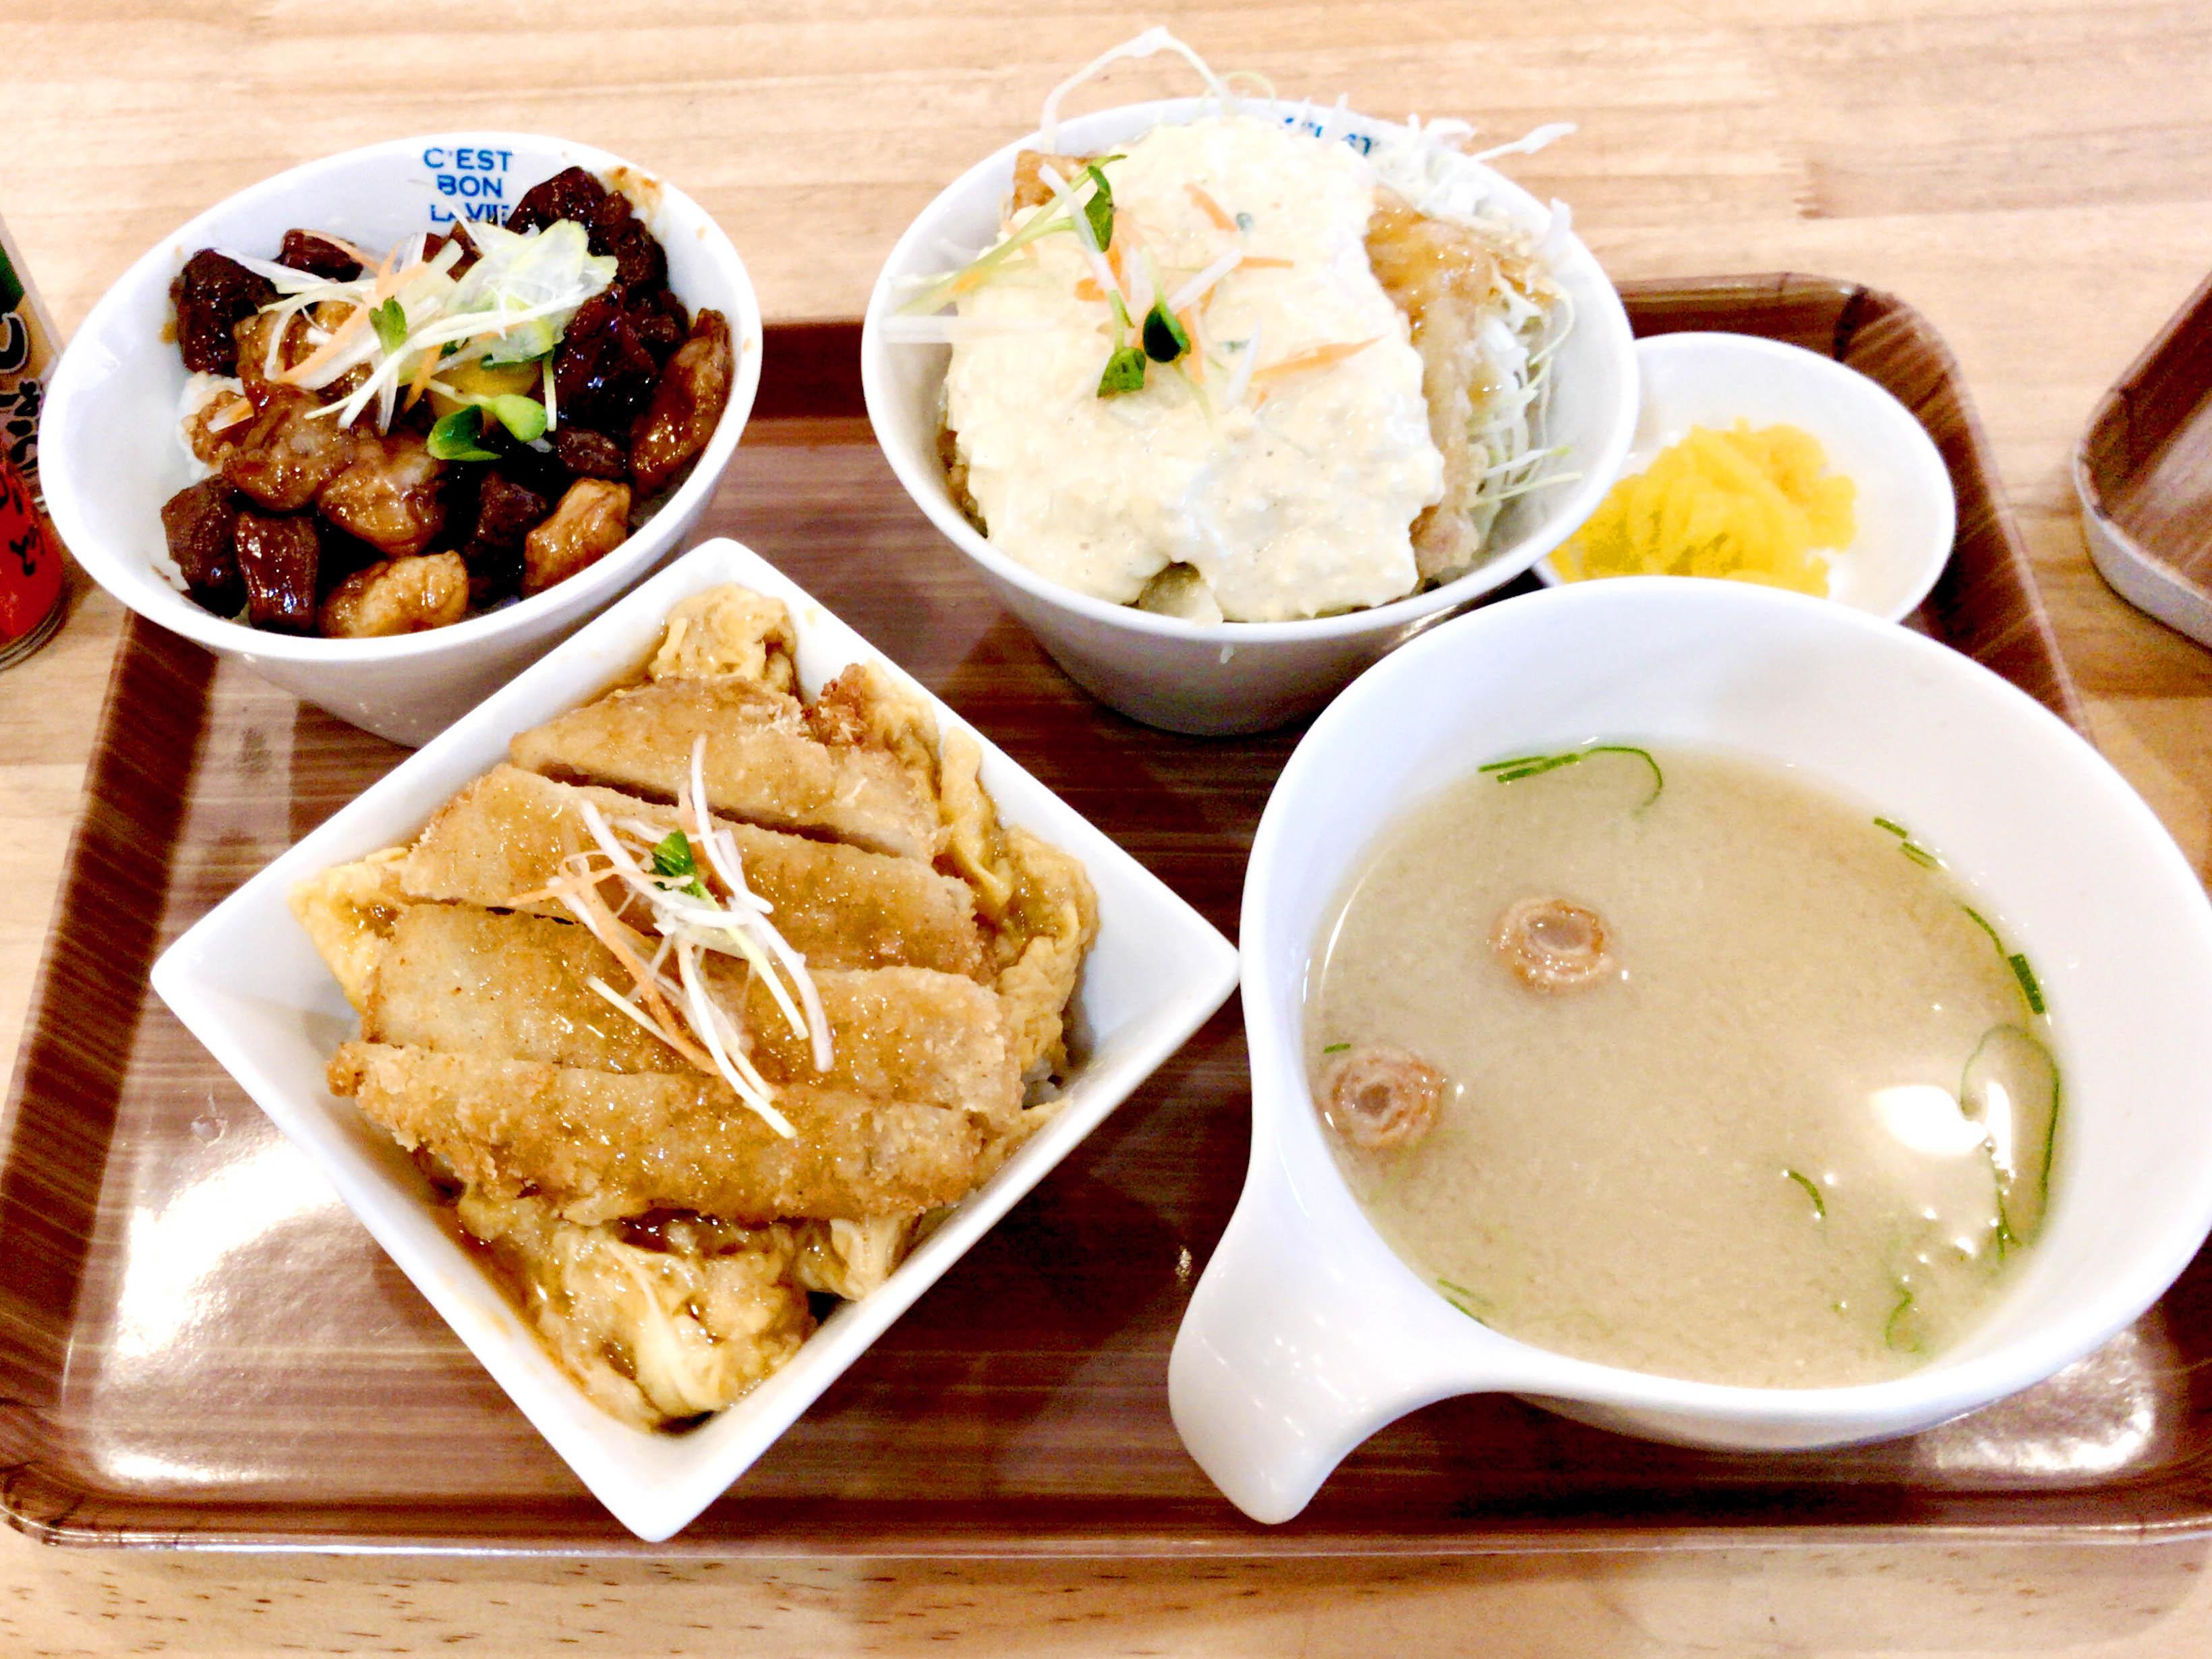 こまち 780円(どて焼き丼、チキン南蛮丼、カツ丼)